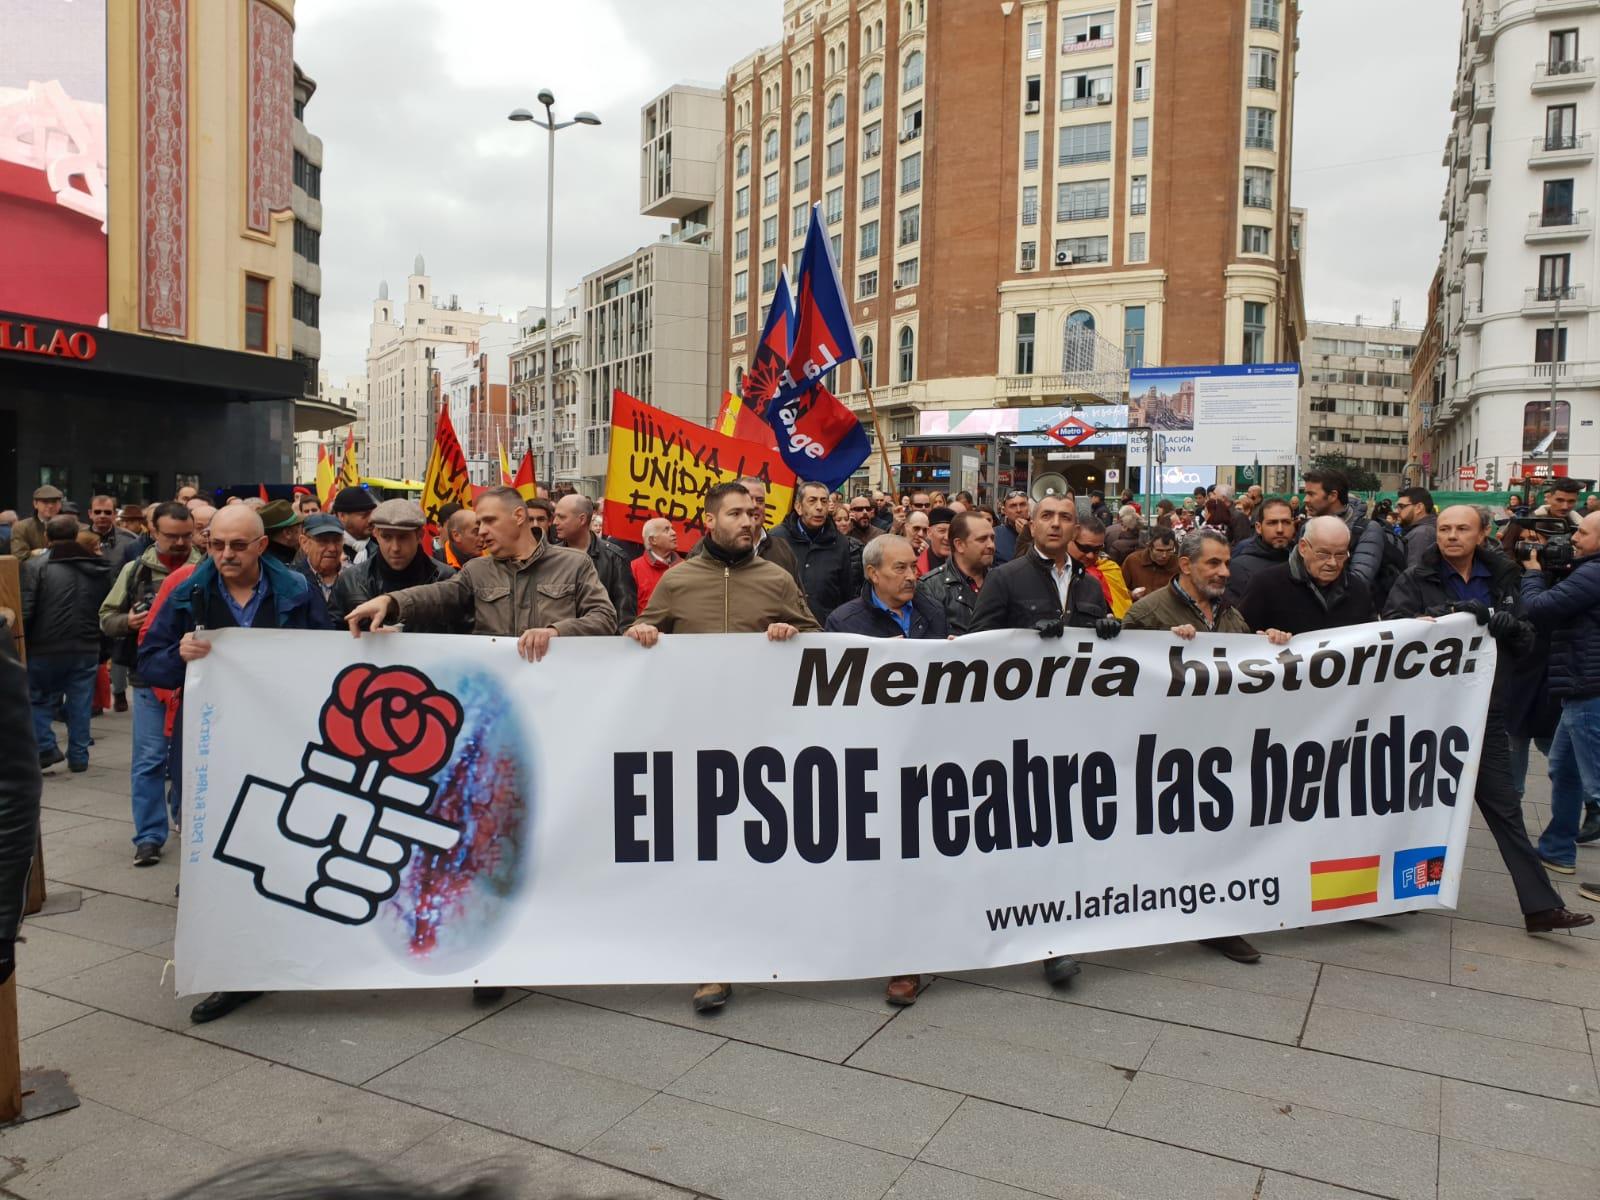 Éxito de la manifestación y acto en plaza de Oriente (vídeo)